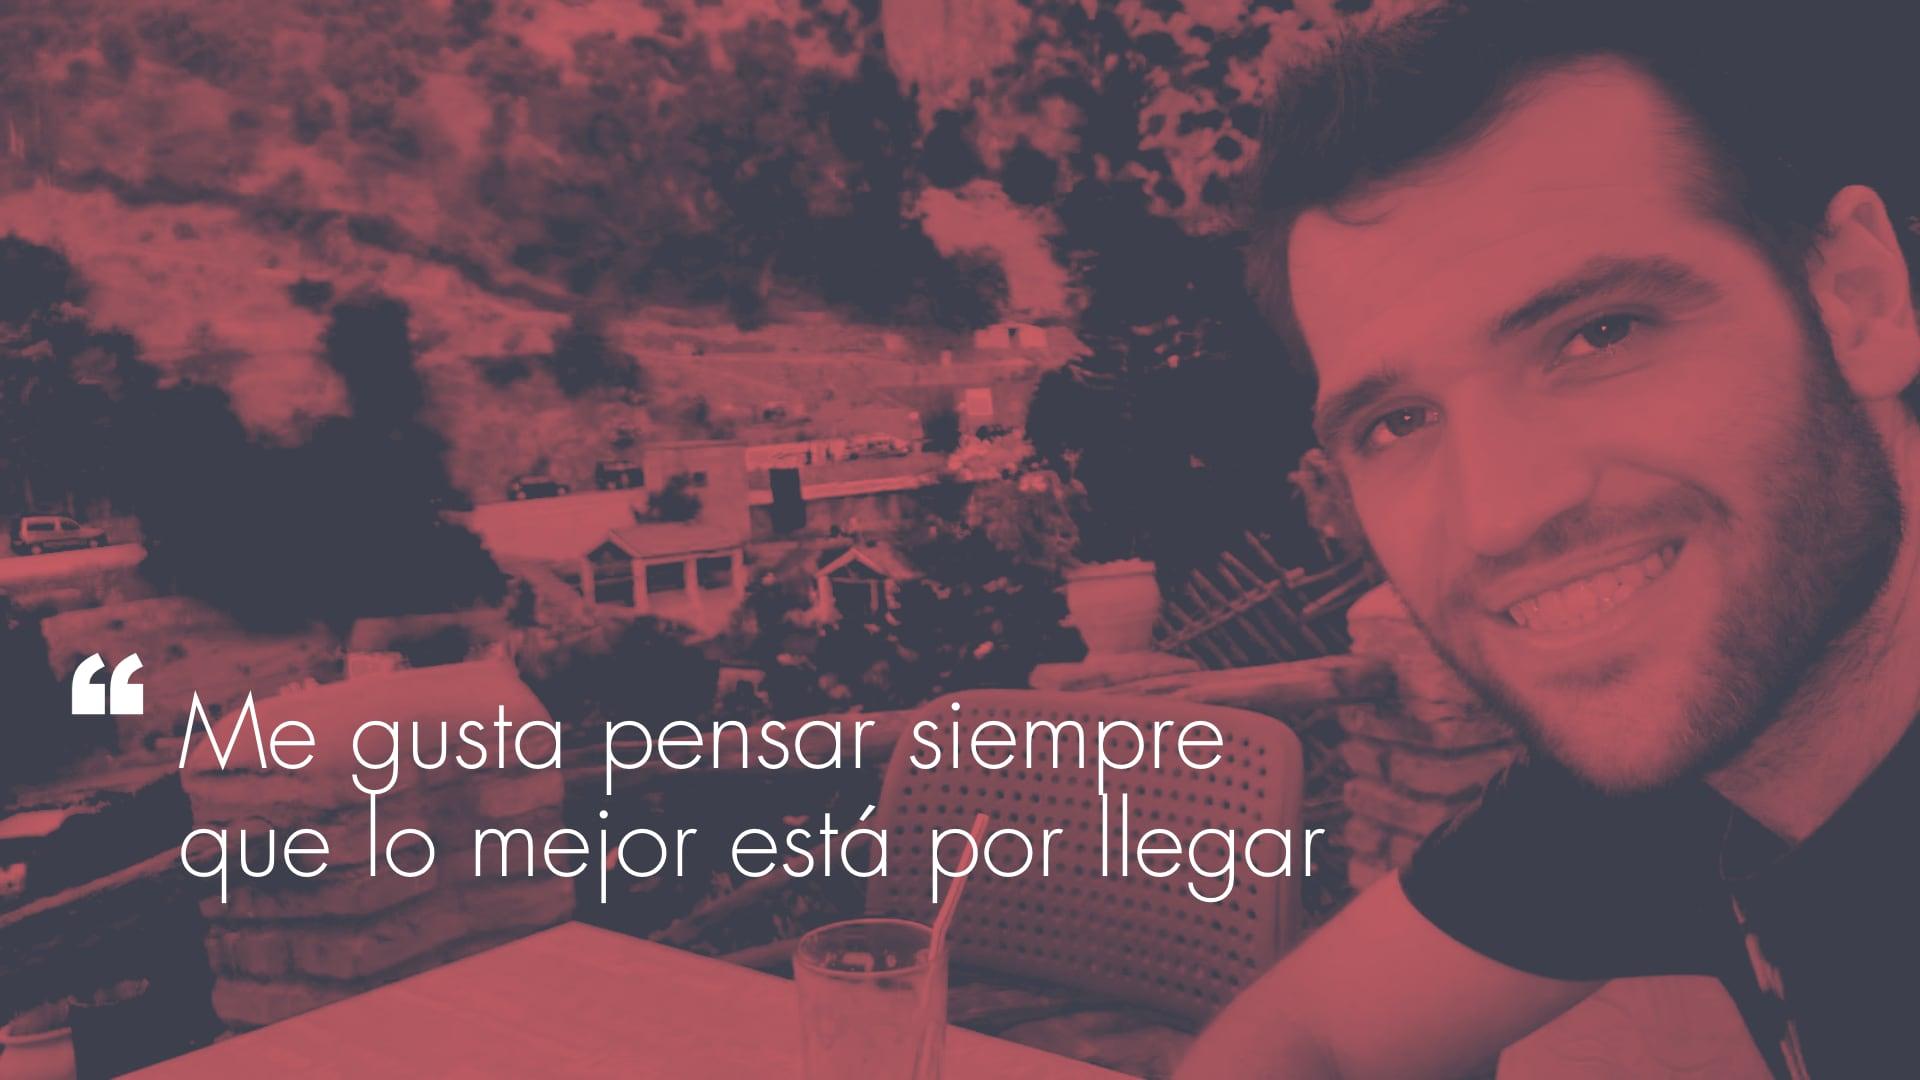 Carlos Matallanas - Futbolista, periodista y luchador